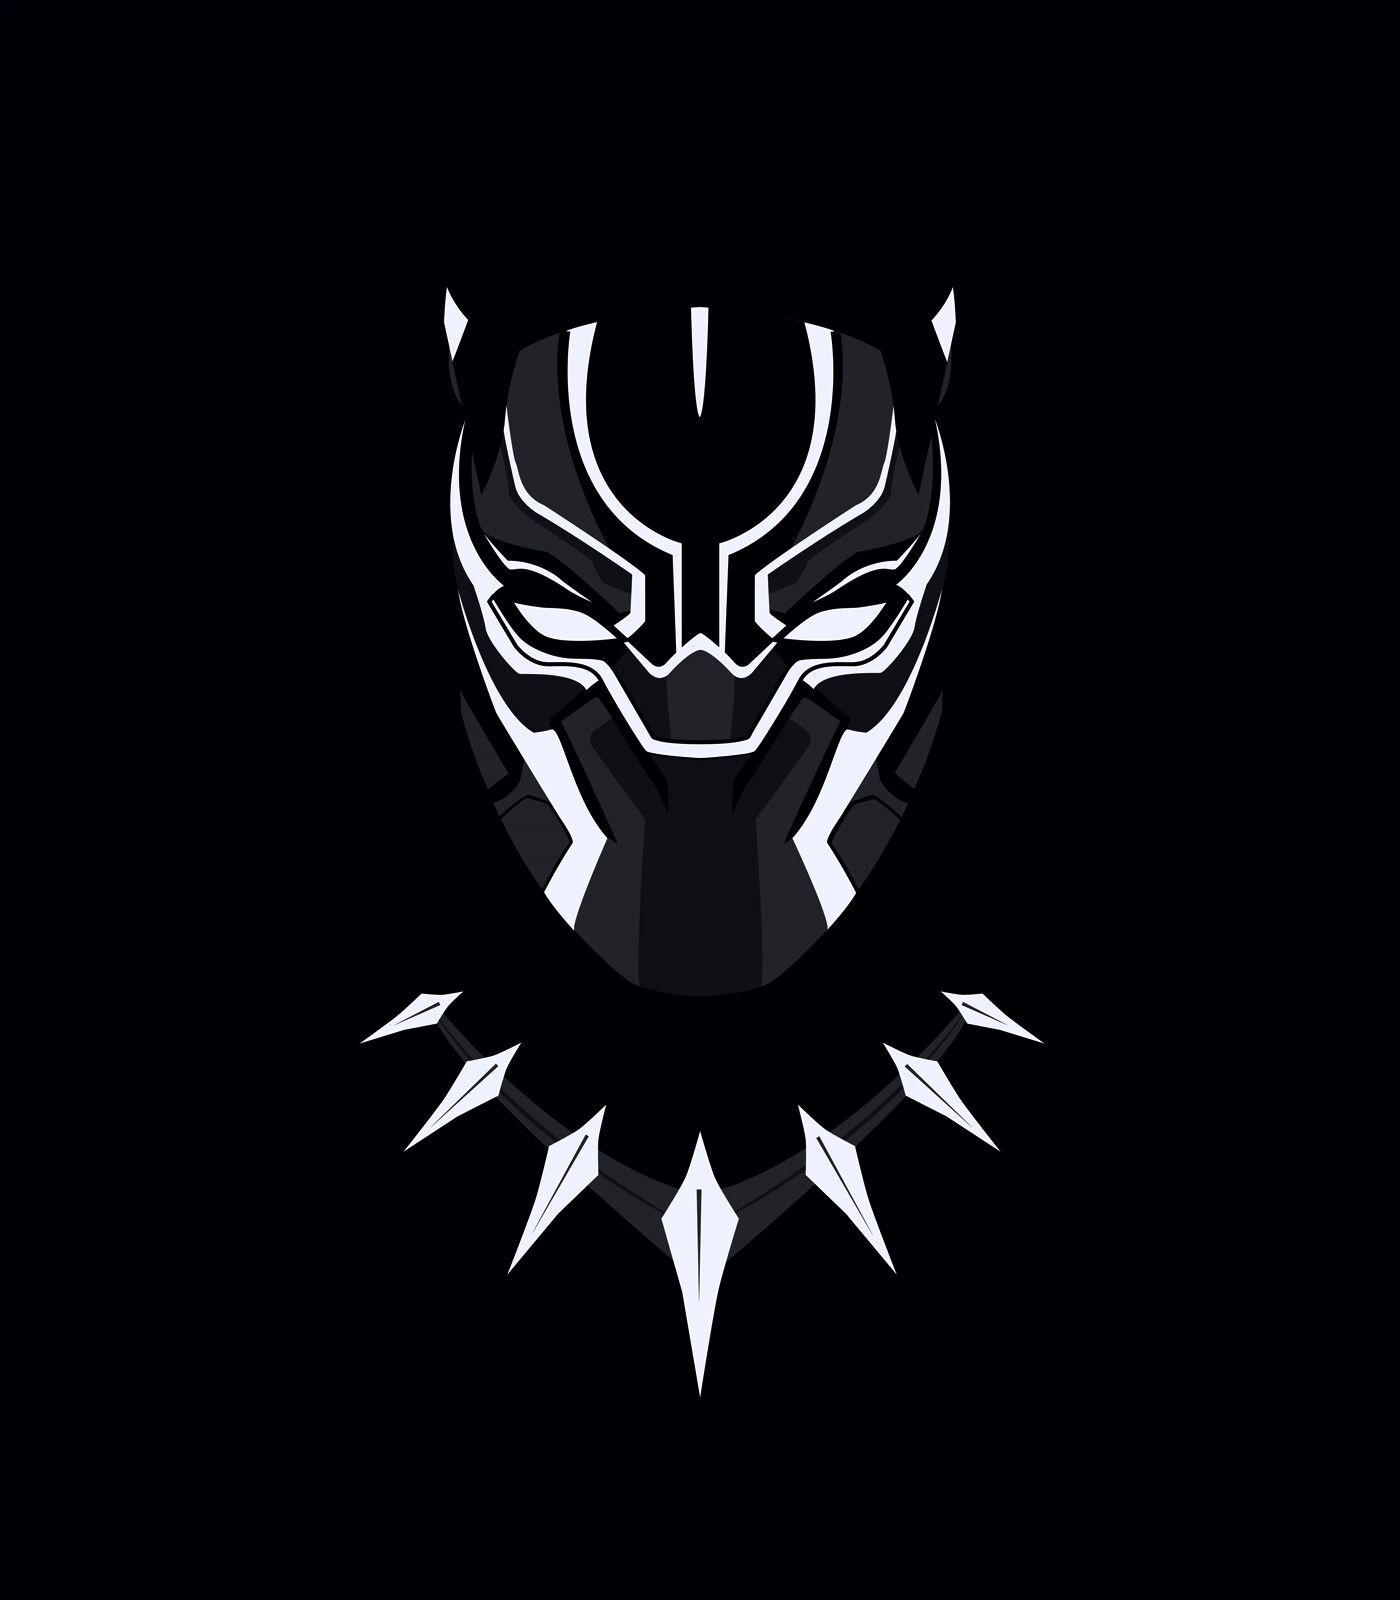 black panther superhero symbol - photo #5